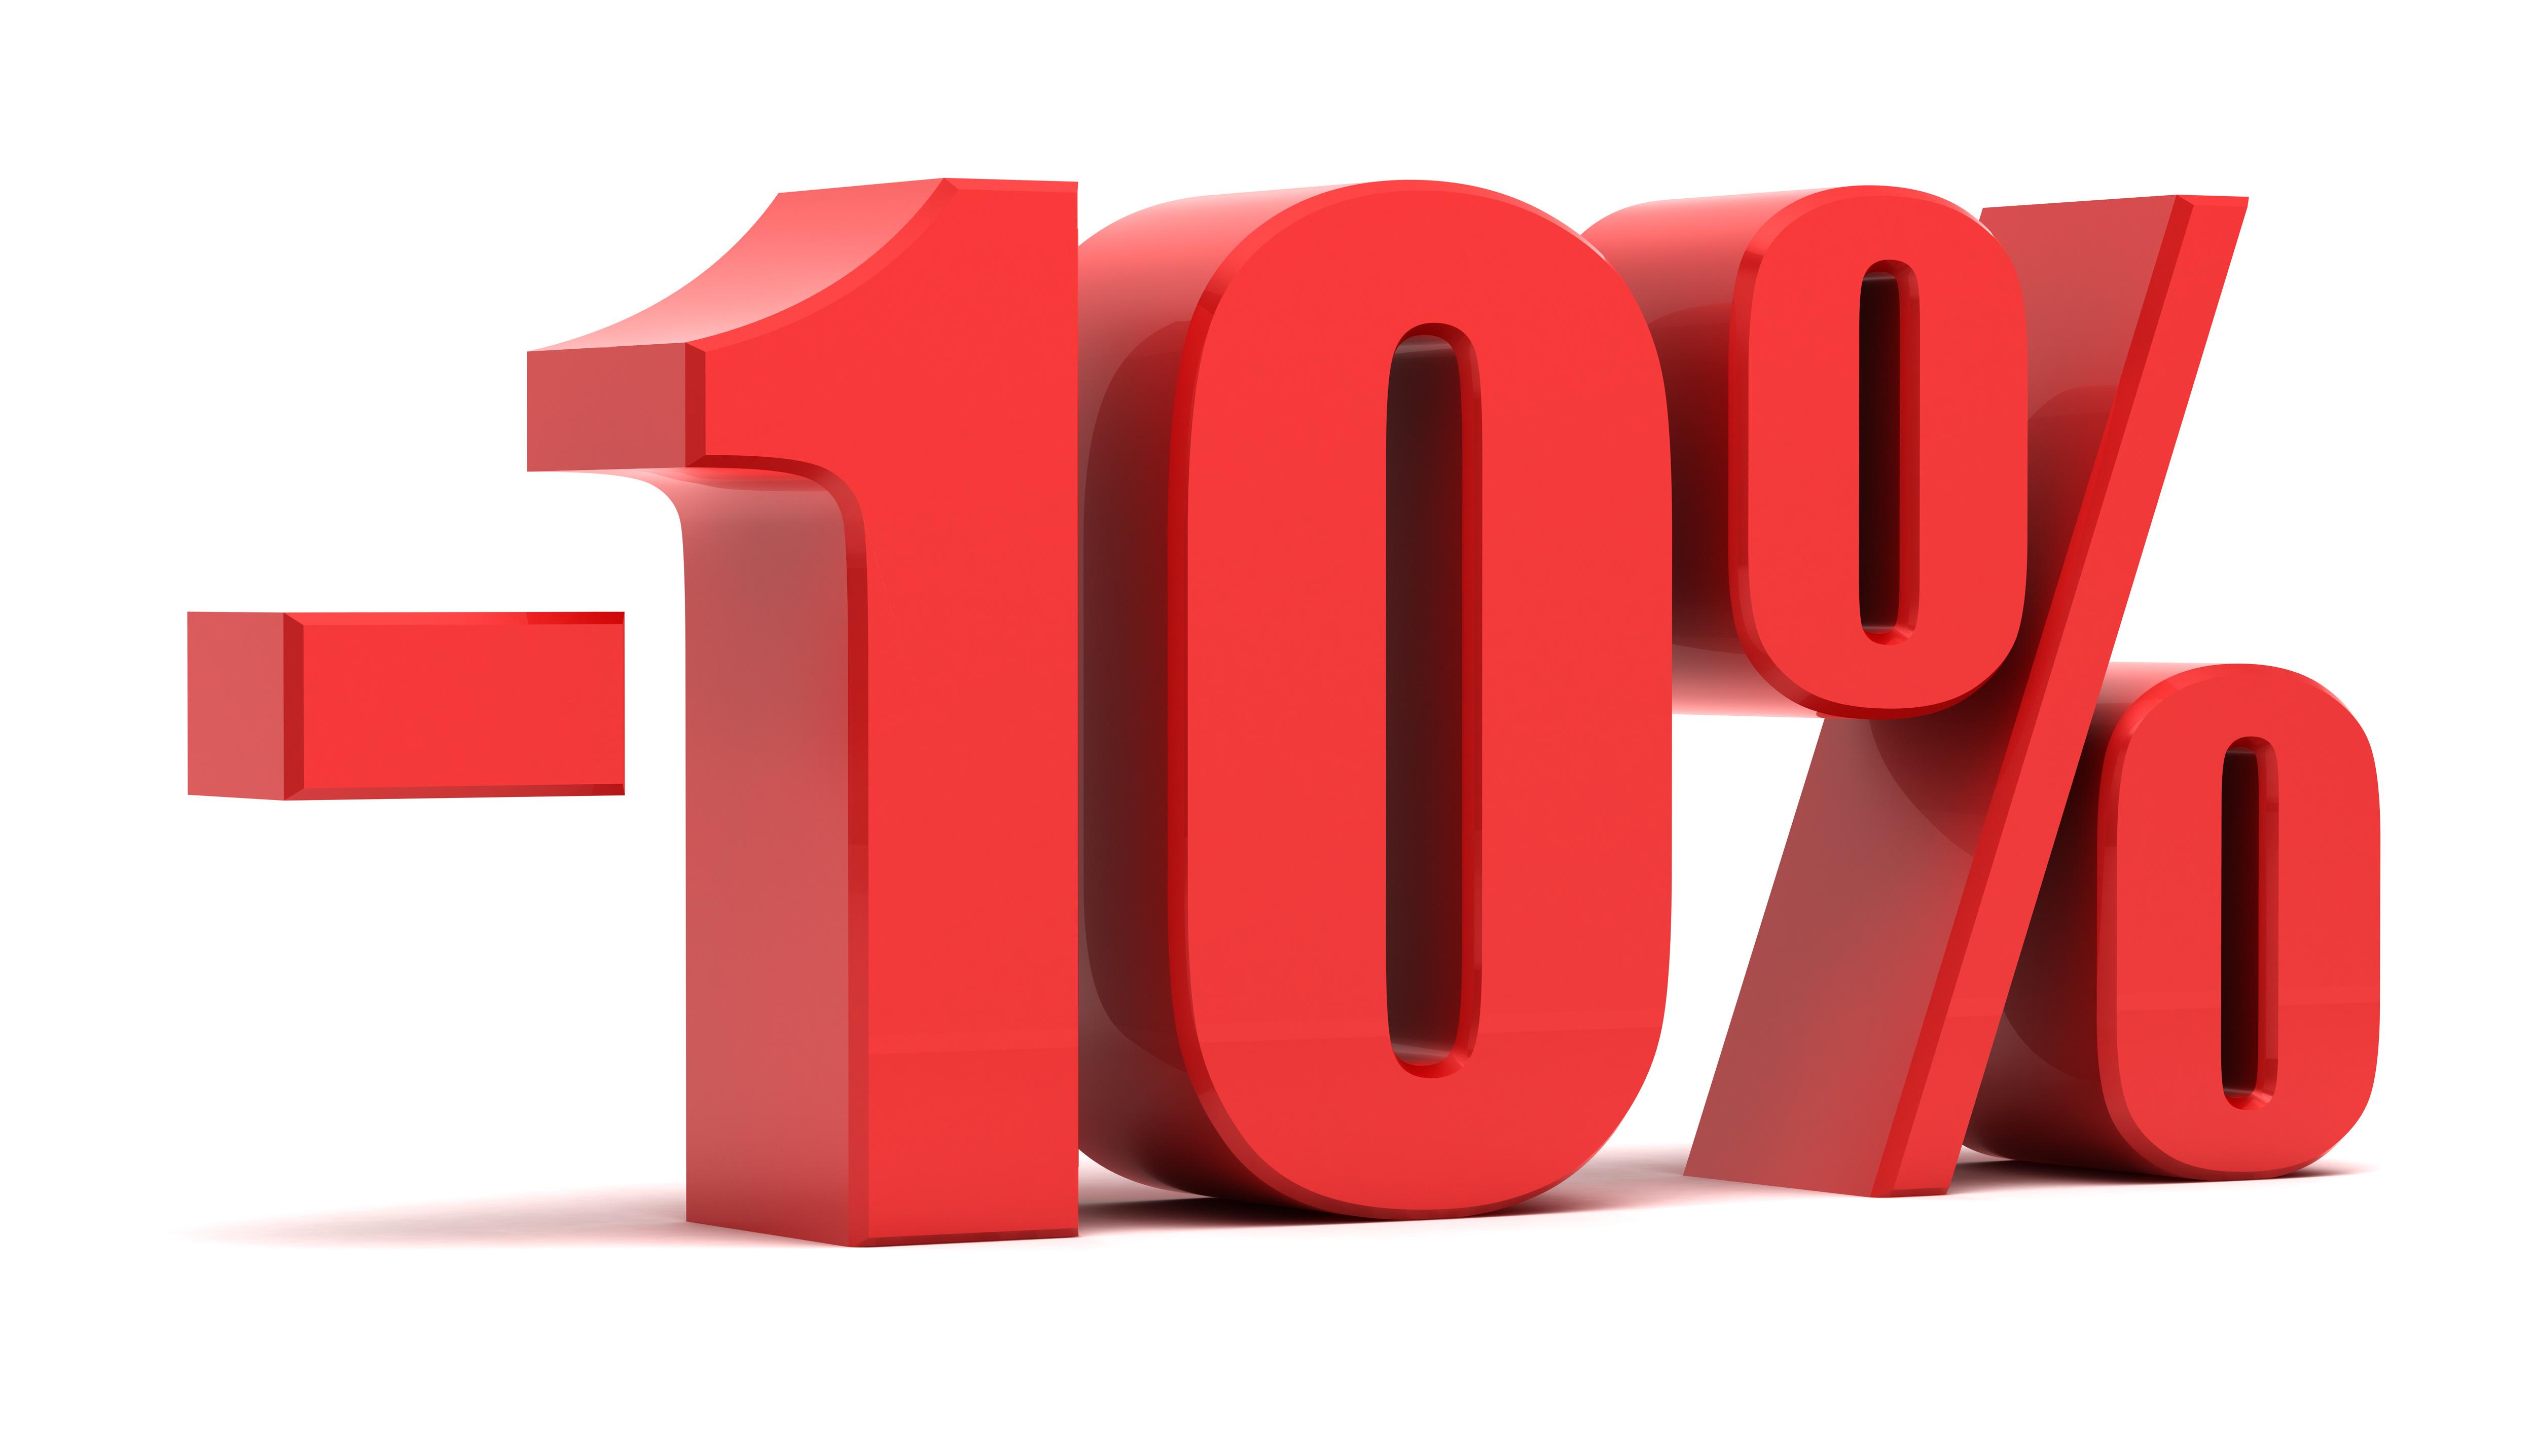 Amazonで最大10%もお得に購入する方法